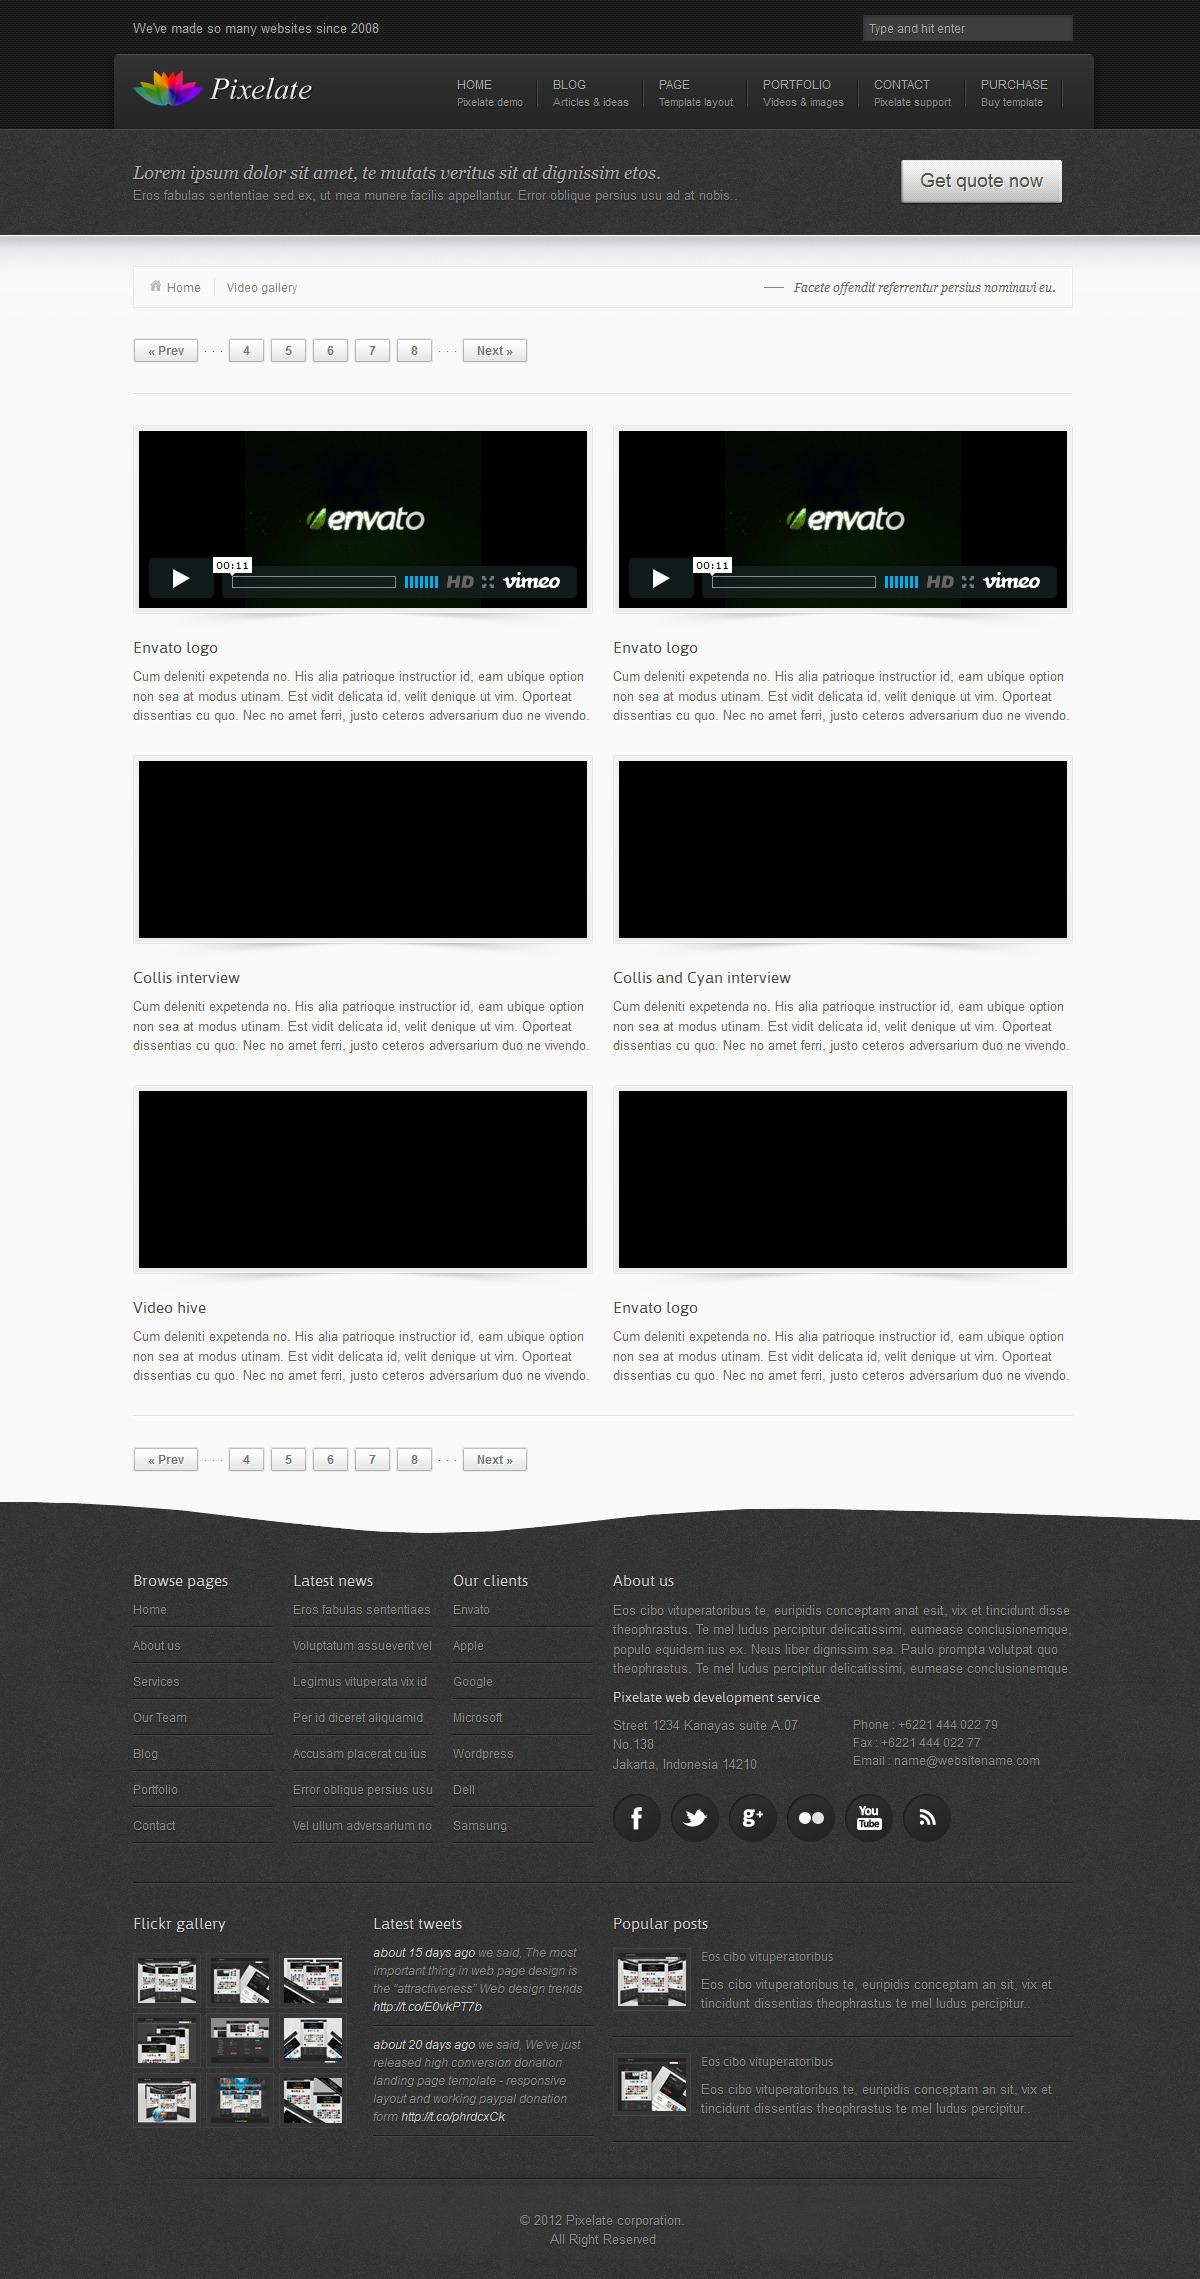 Pixelate corporate website template